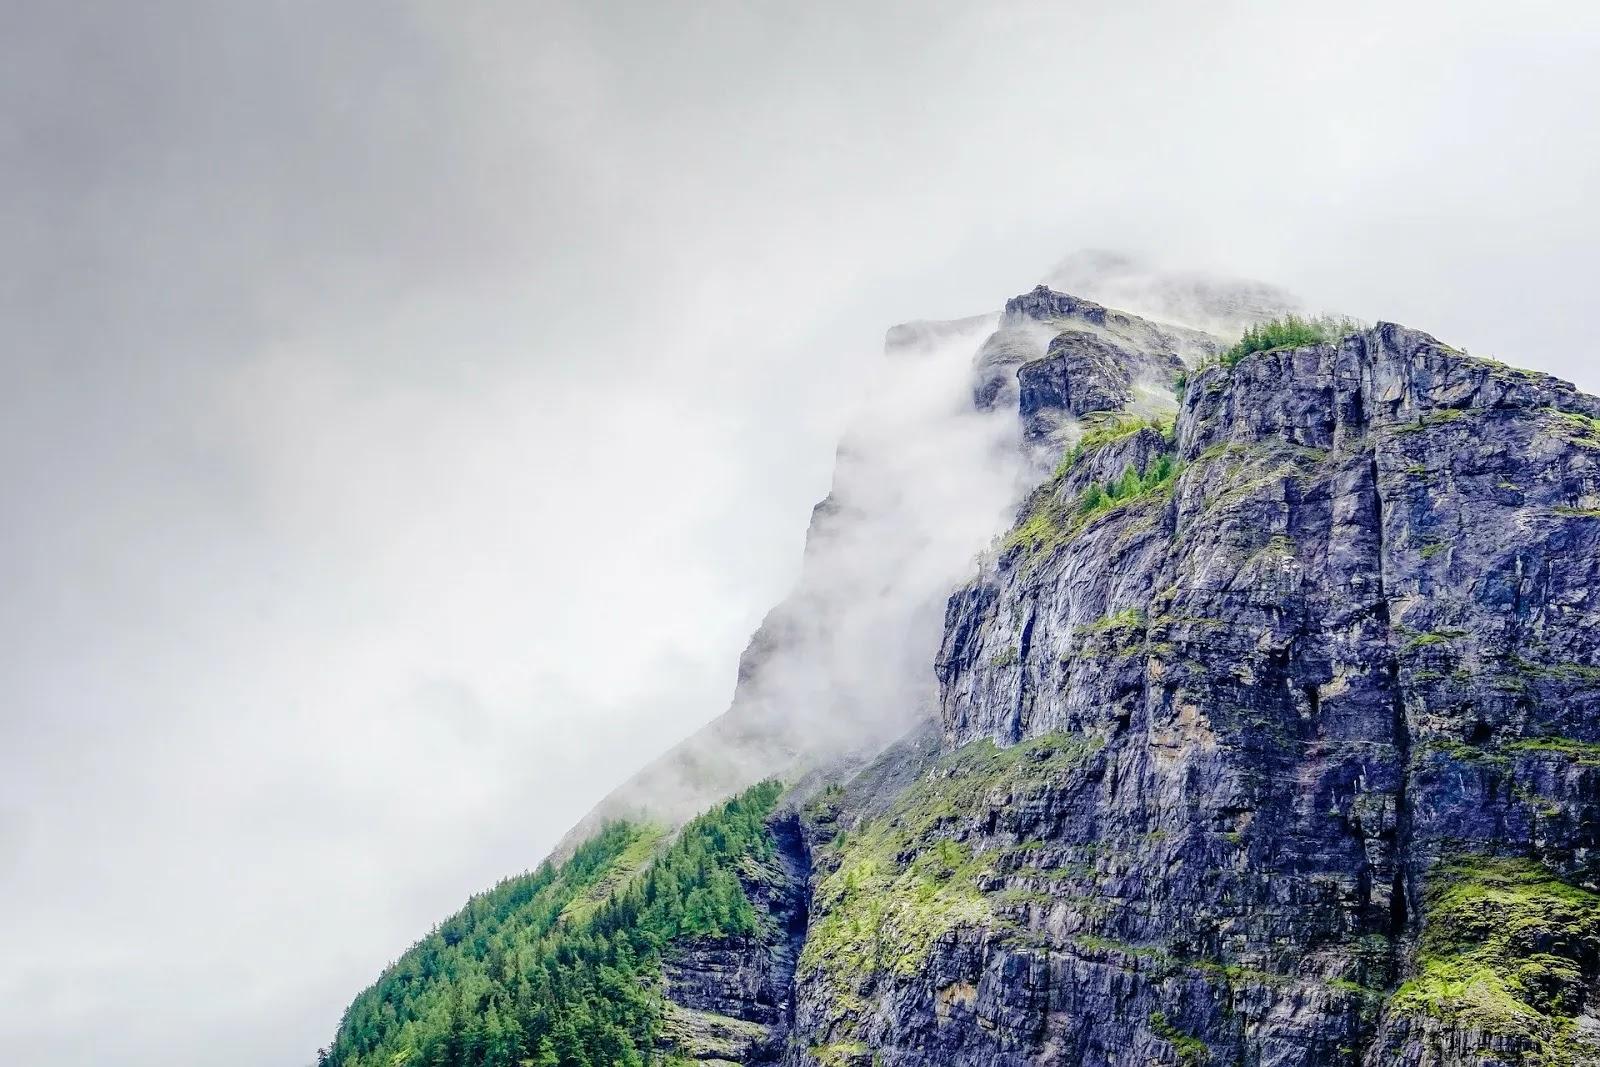 خلفيات جبال طبيعية جميلة وخلابة